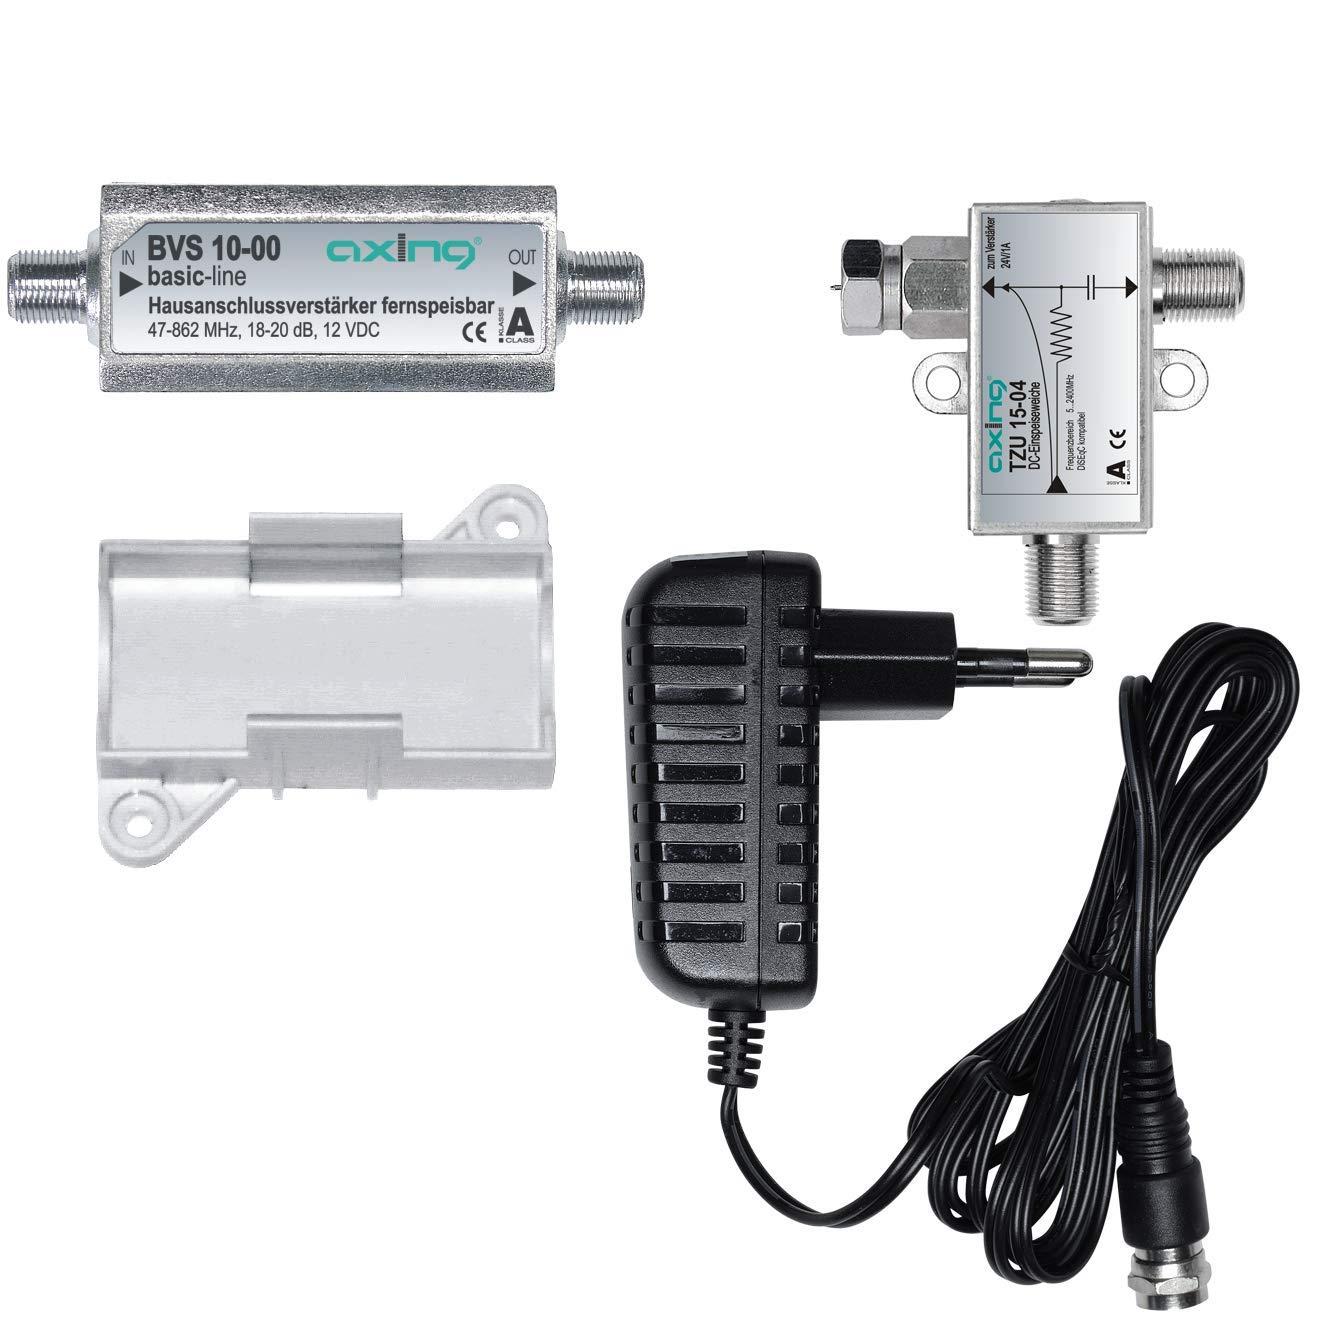 50 * 90 * 25mm 200A Shunt medidor de Tiempo de energ/ía 50A//100A//200A//300A Medidor de bater/ía con volt/ímetro y Potencia de impedancia Meiqqm DC 0-200V 0-300A